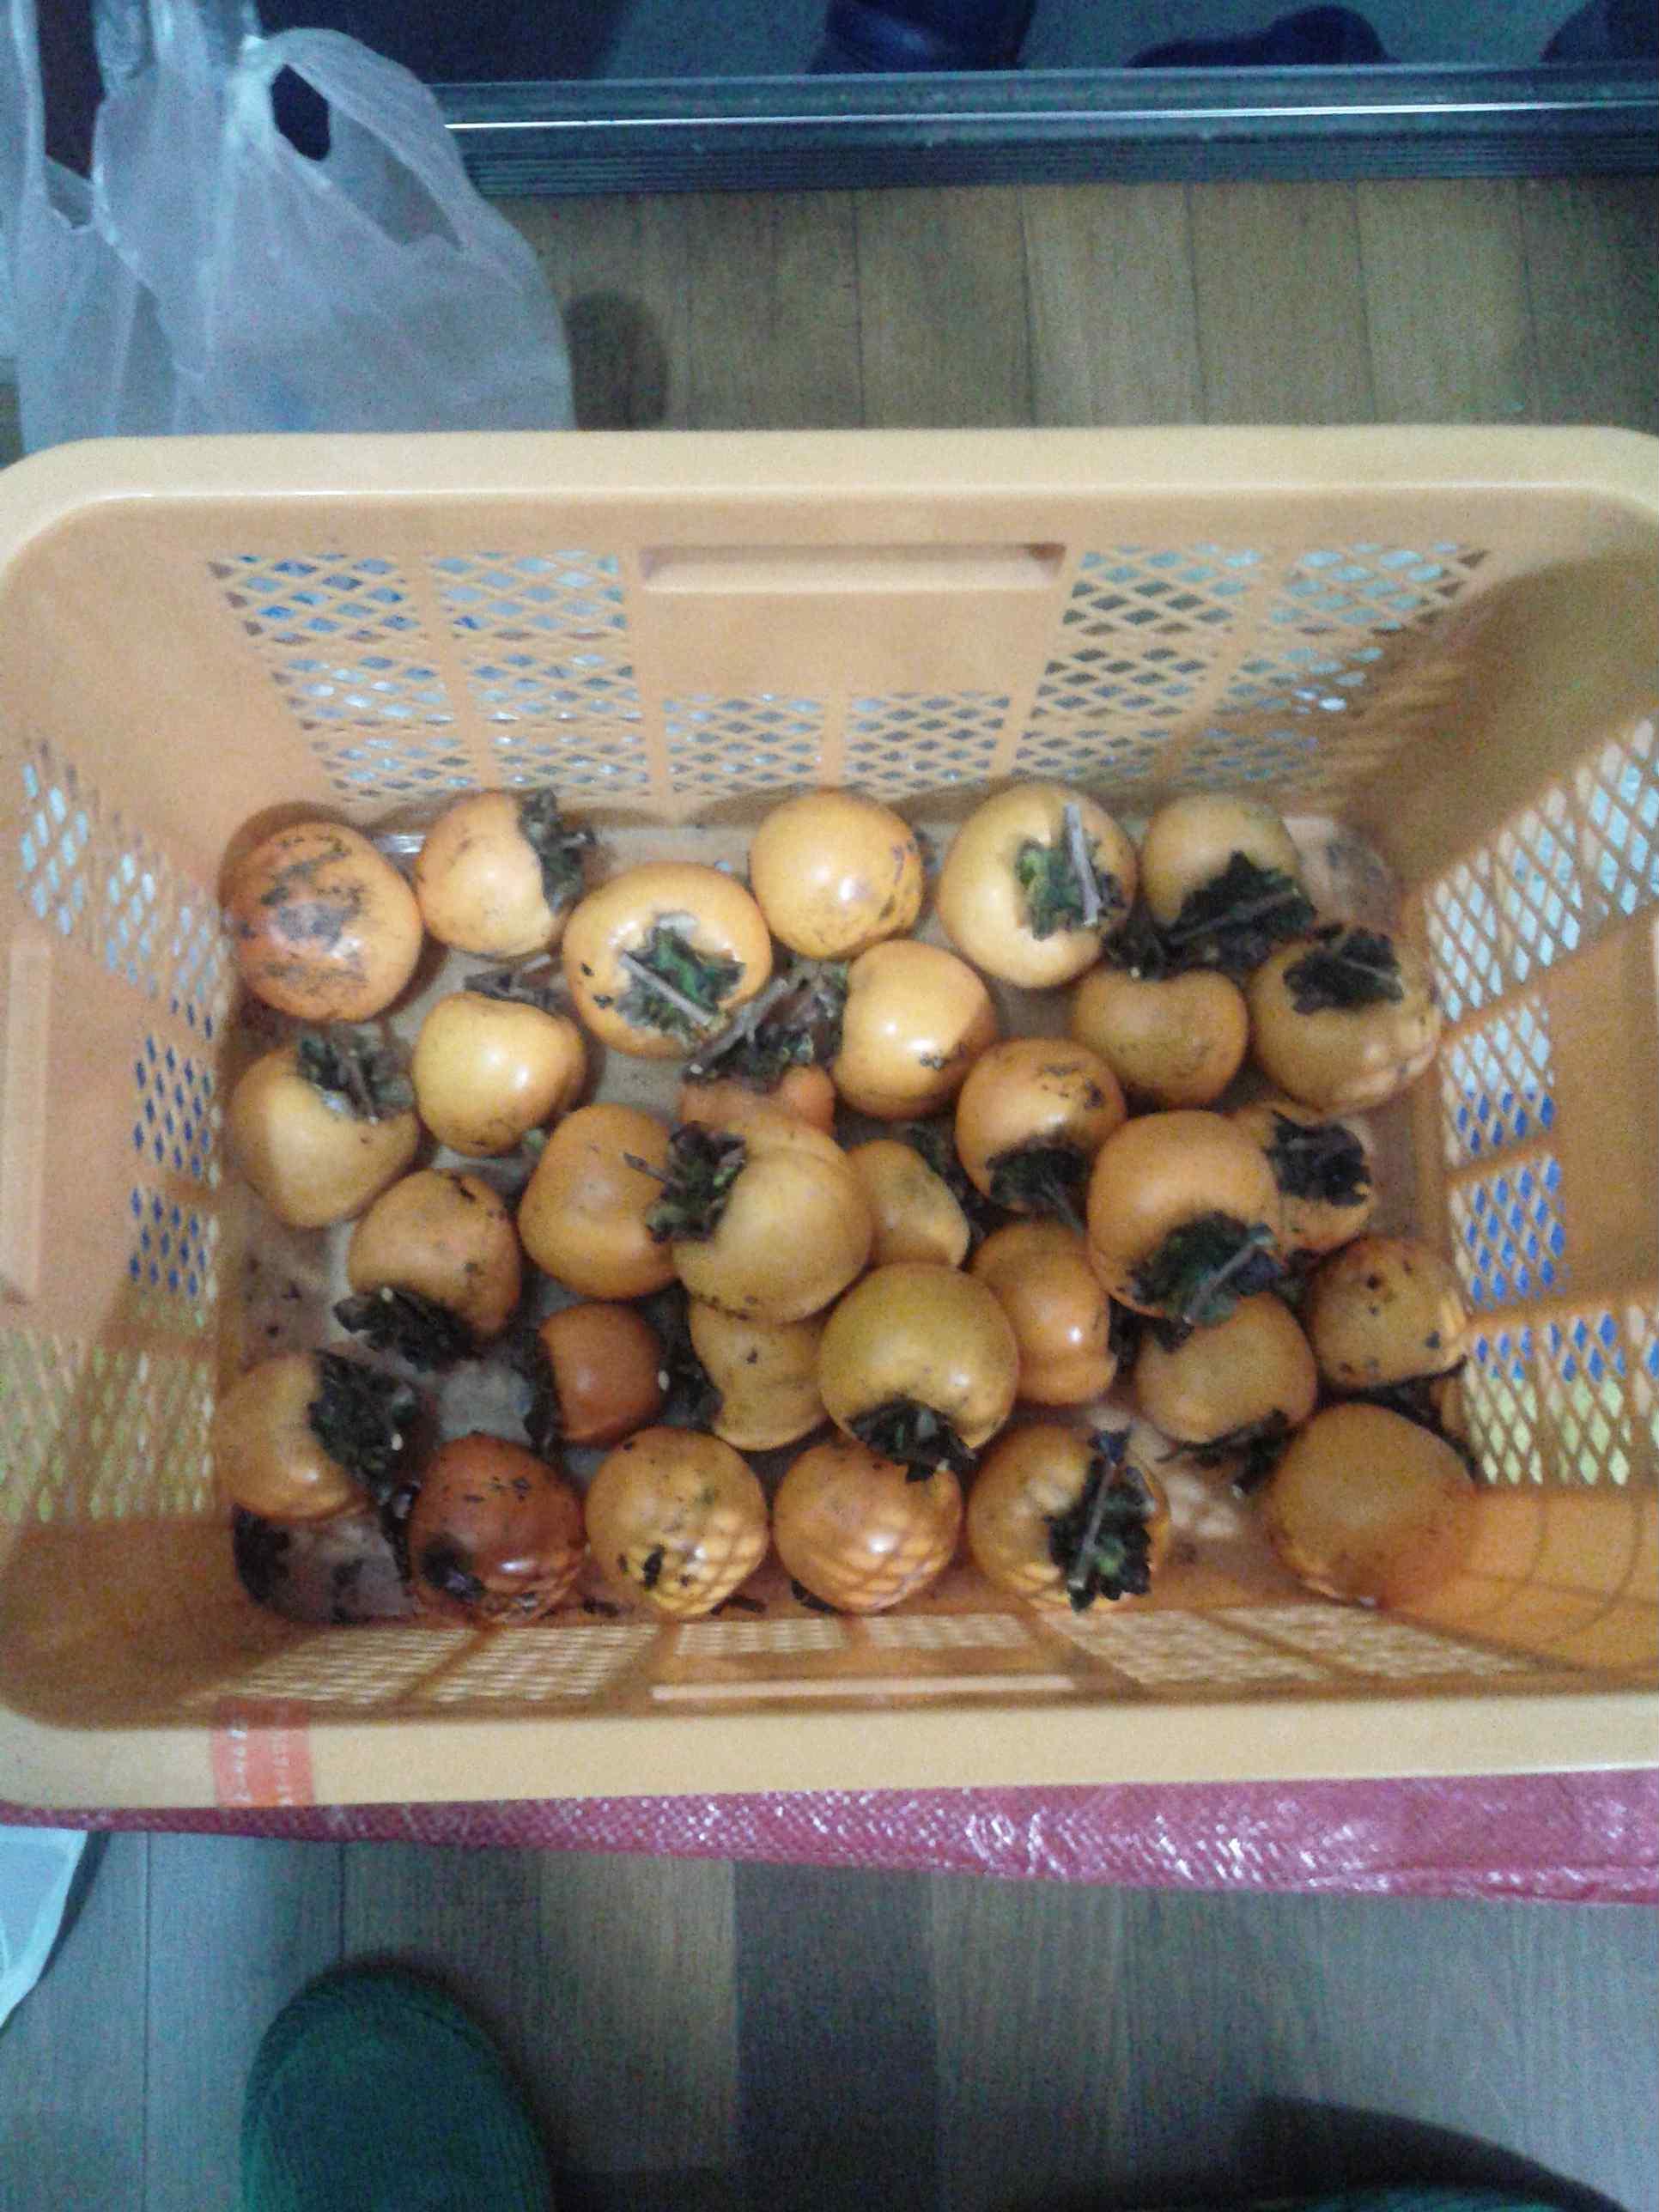 2017/11/4(土)の渋柿の収穫